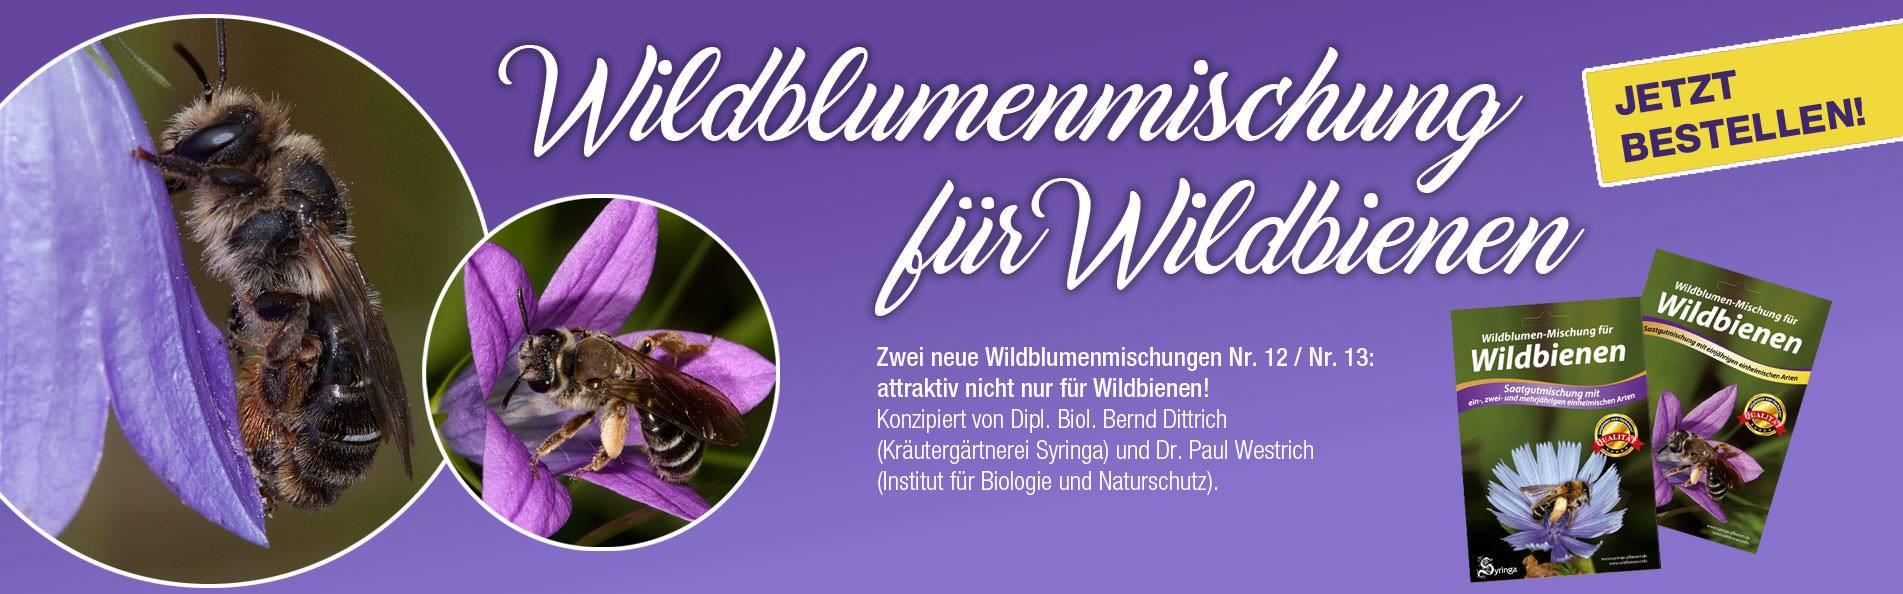 slider_Wildbienen